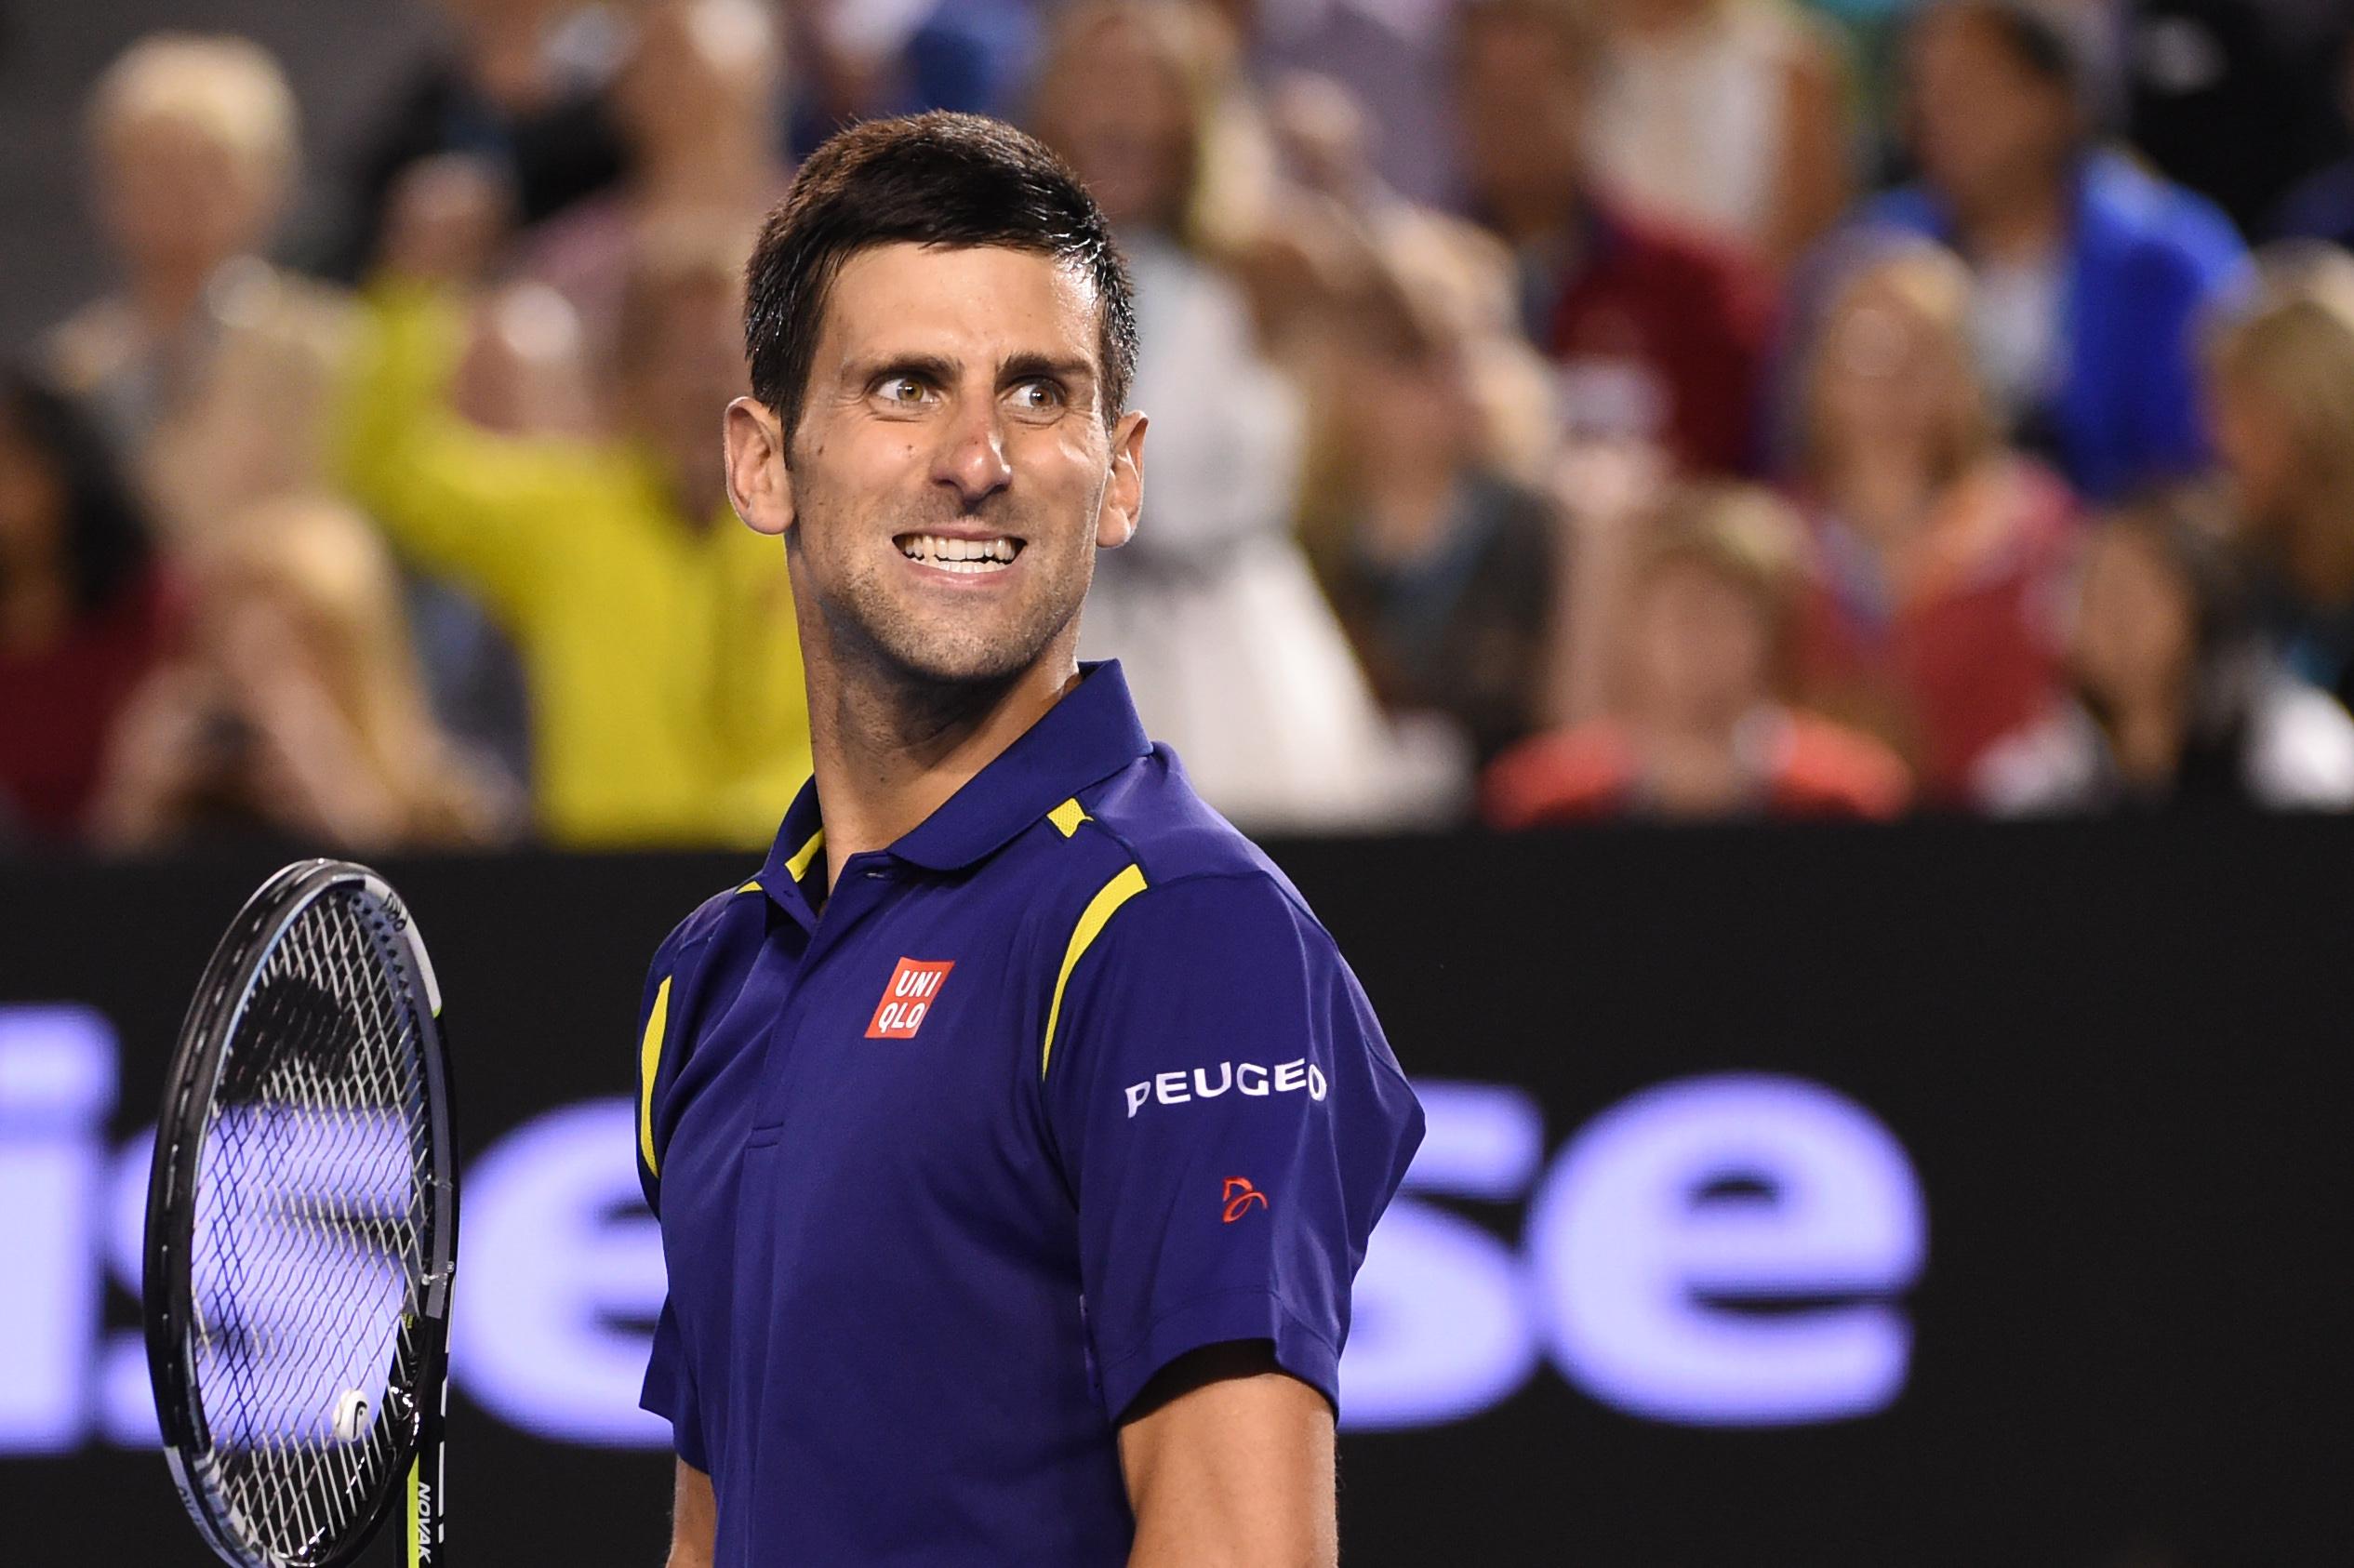 Tennis : Open Australie - </b>Jusqu'o&#249; peut aller Novak Djokovic ?